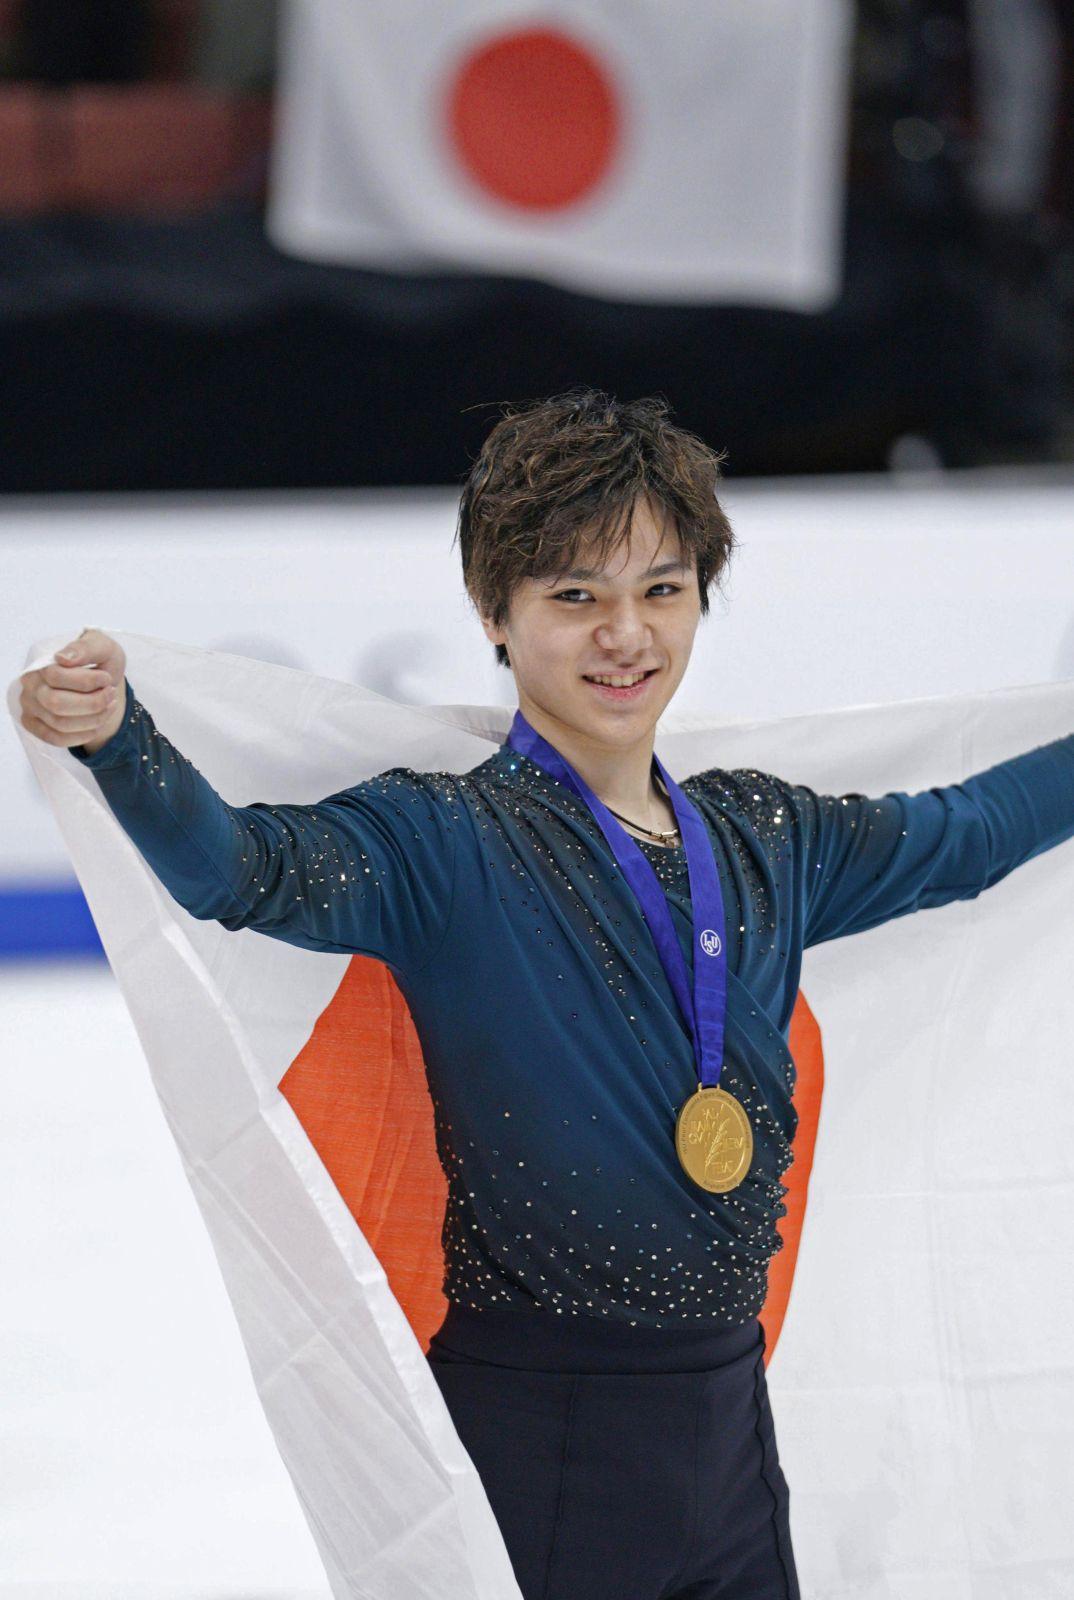 Rika Kihira, Shoma Uno Win 'Four Continents' Figure Skating Championships